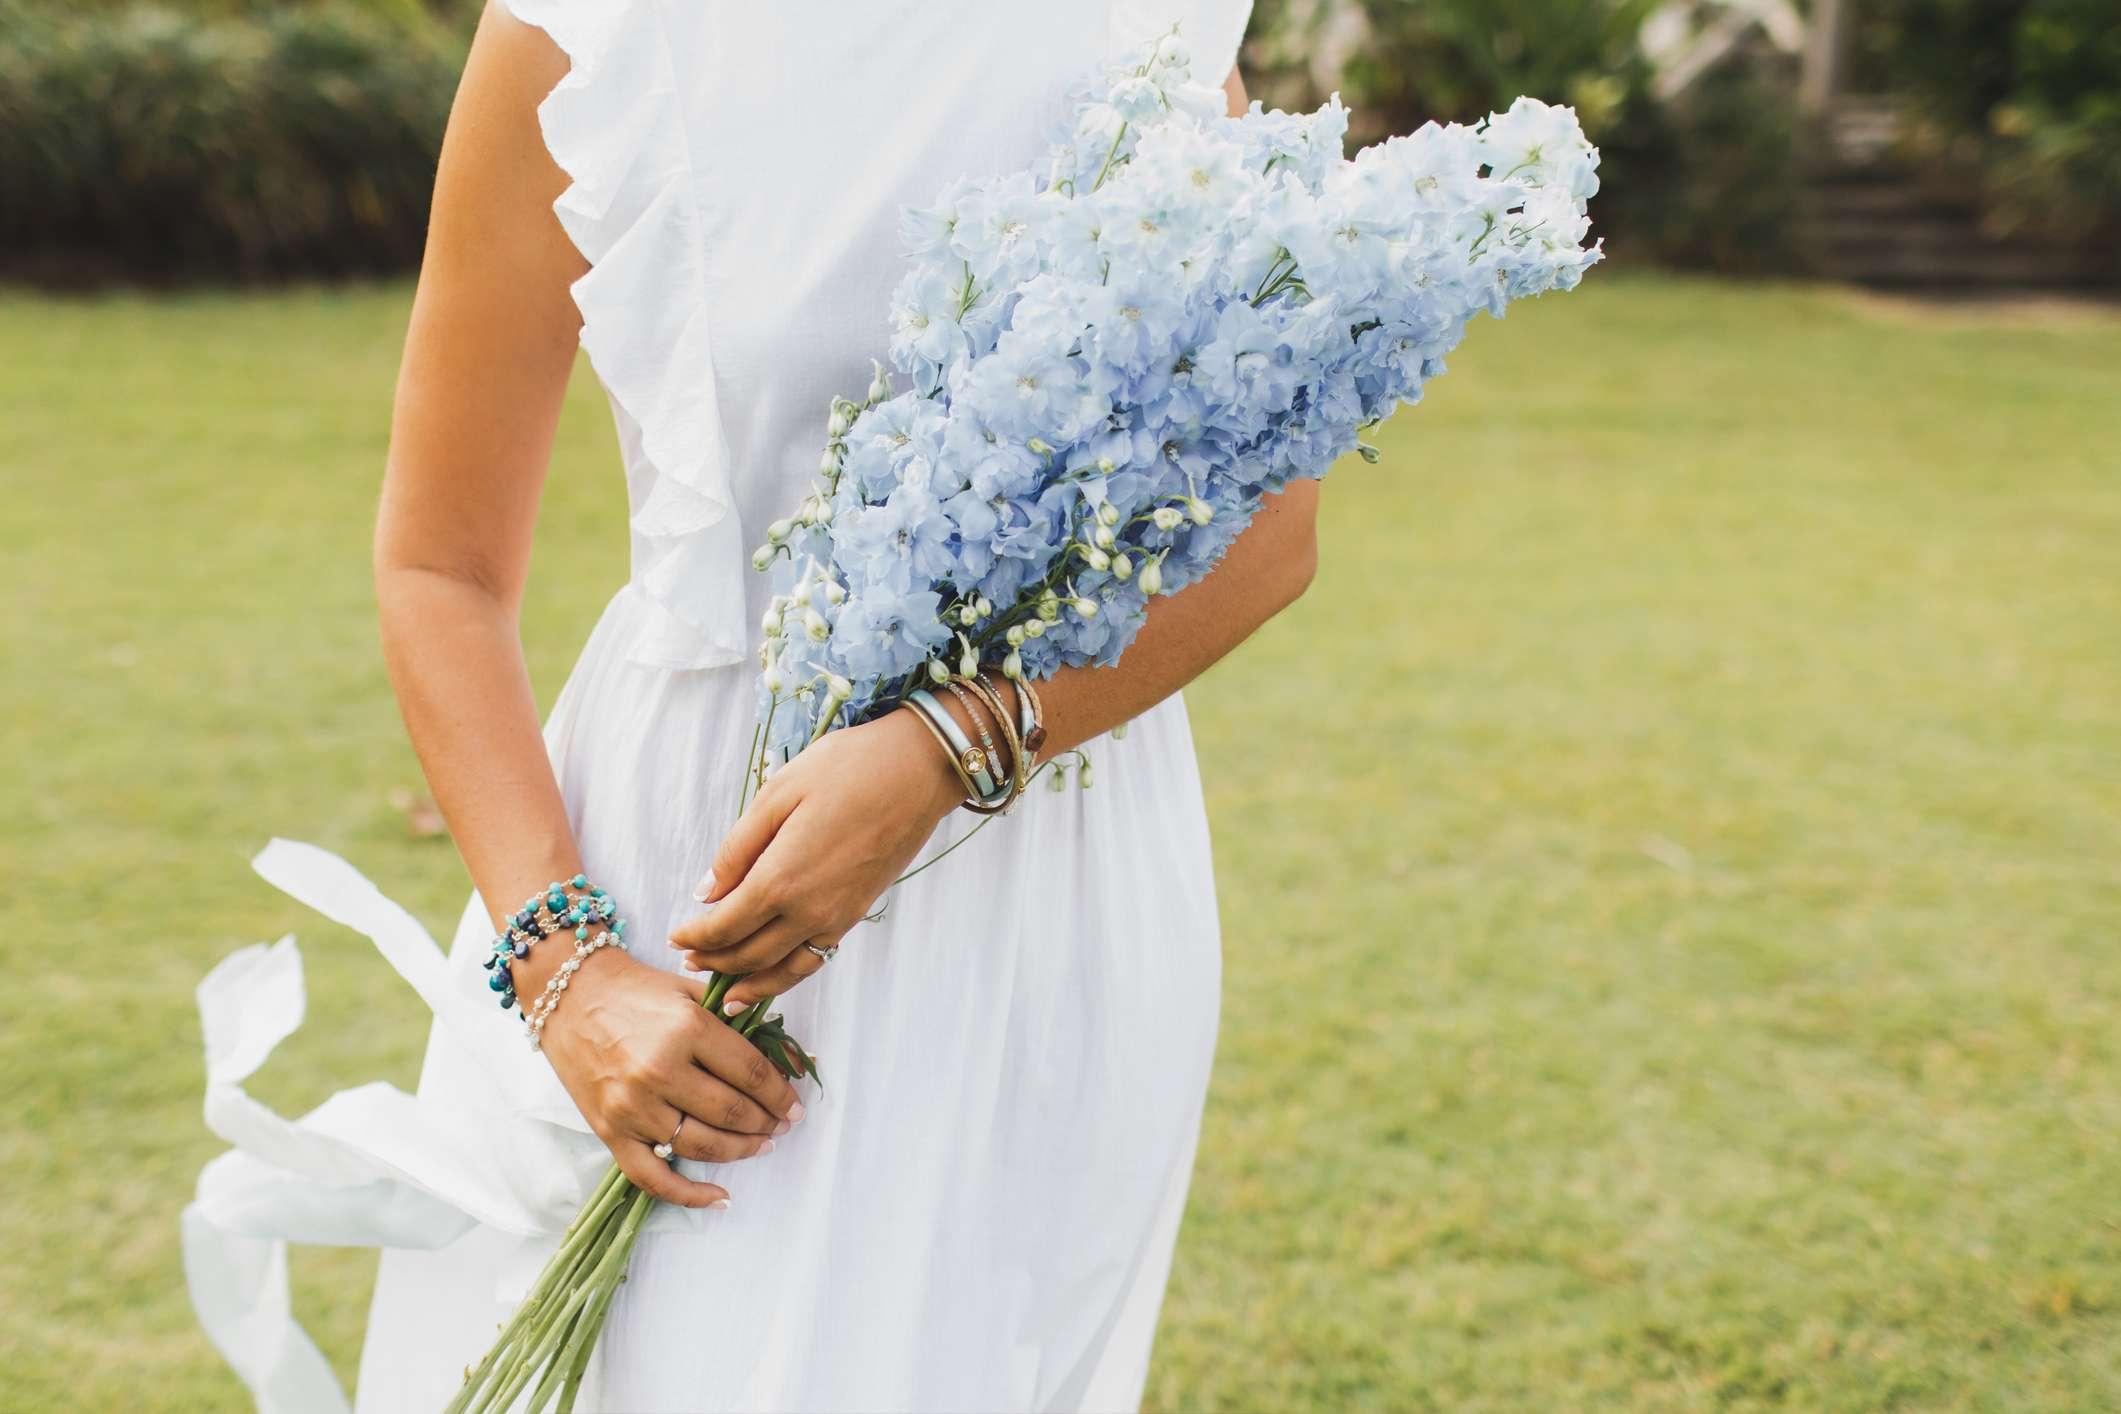 Bouquet of blue delphinium flowers